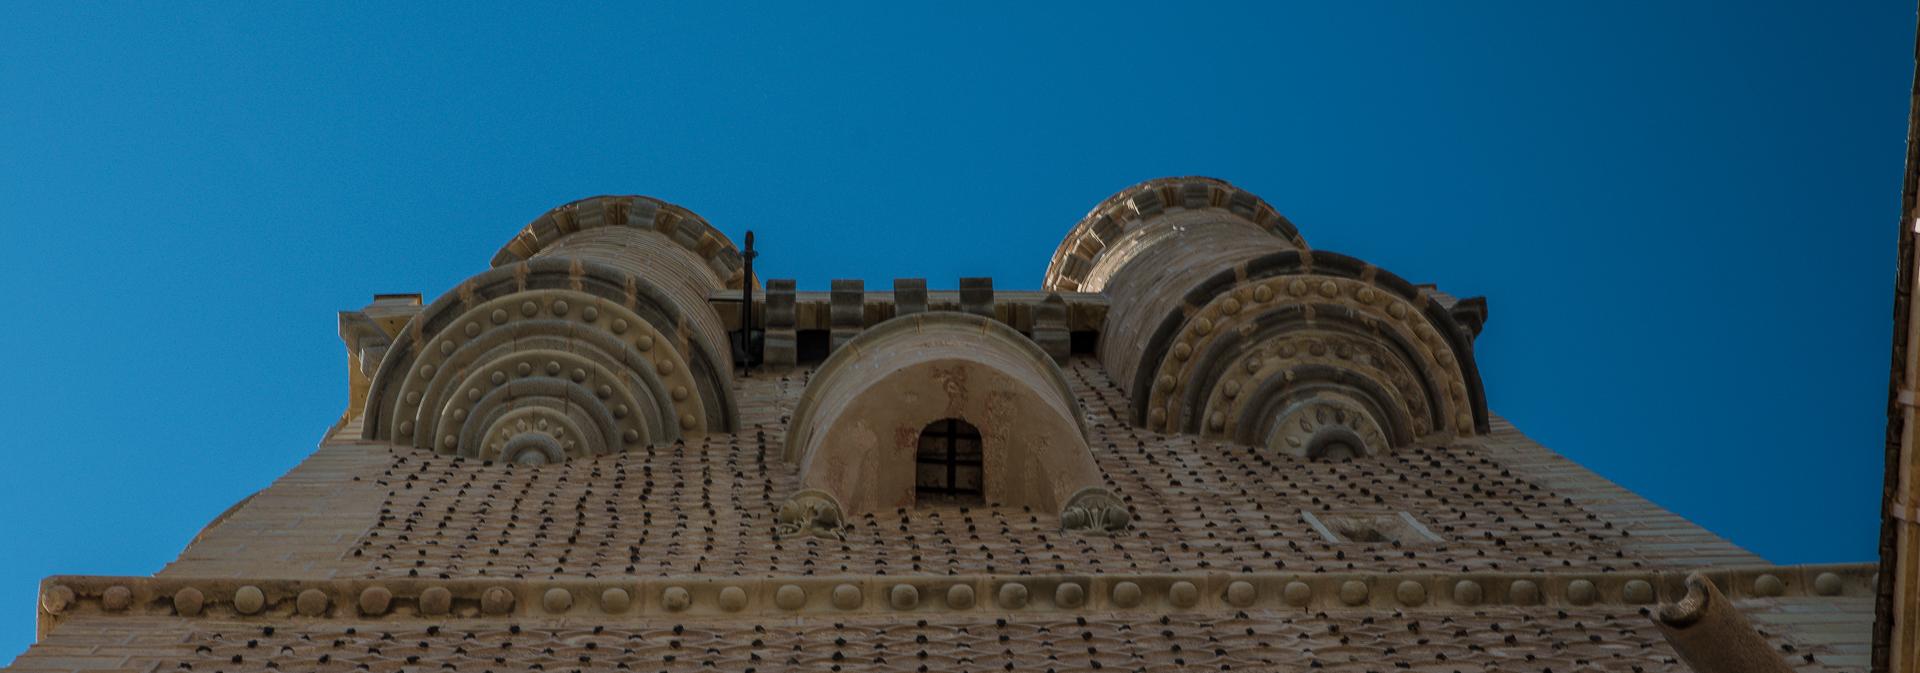 Segovia – der Höhepunkt auf dem Weg nach Toledo